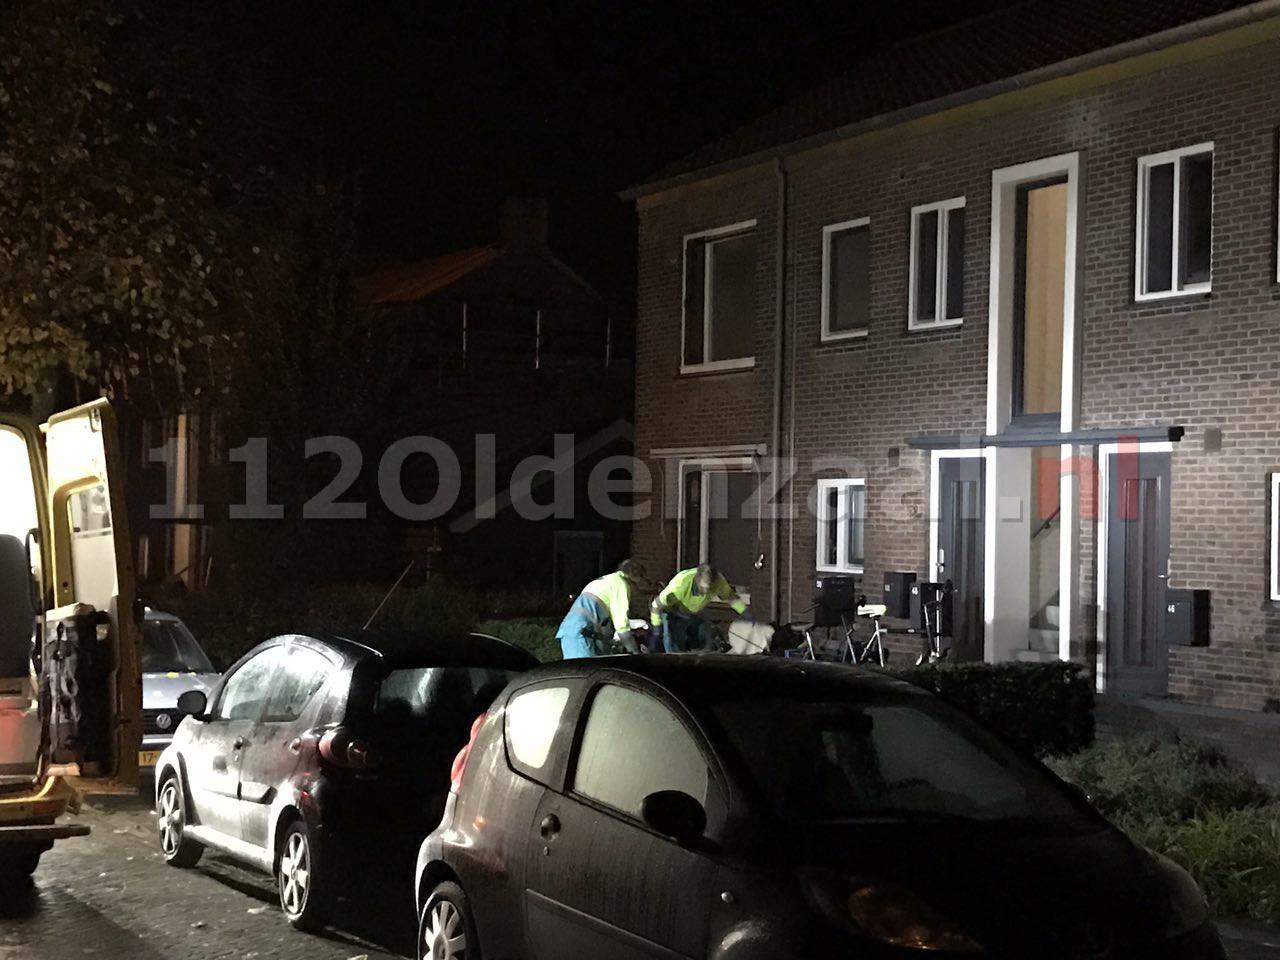 Foto 2: Twee personen met spoed naar ziekenhuis na incident in woning Oldenzaal